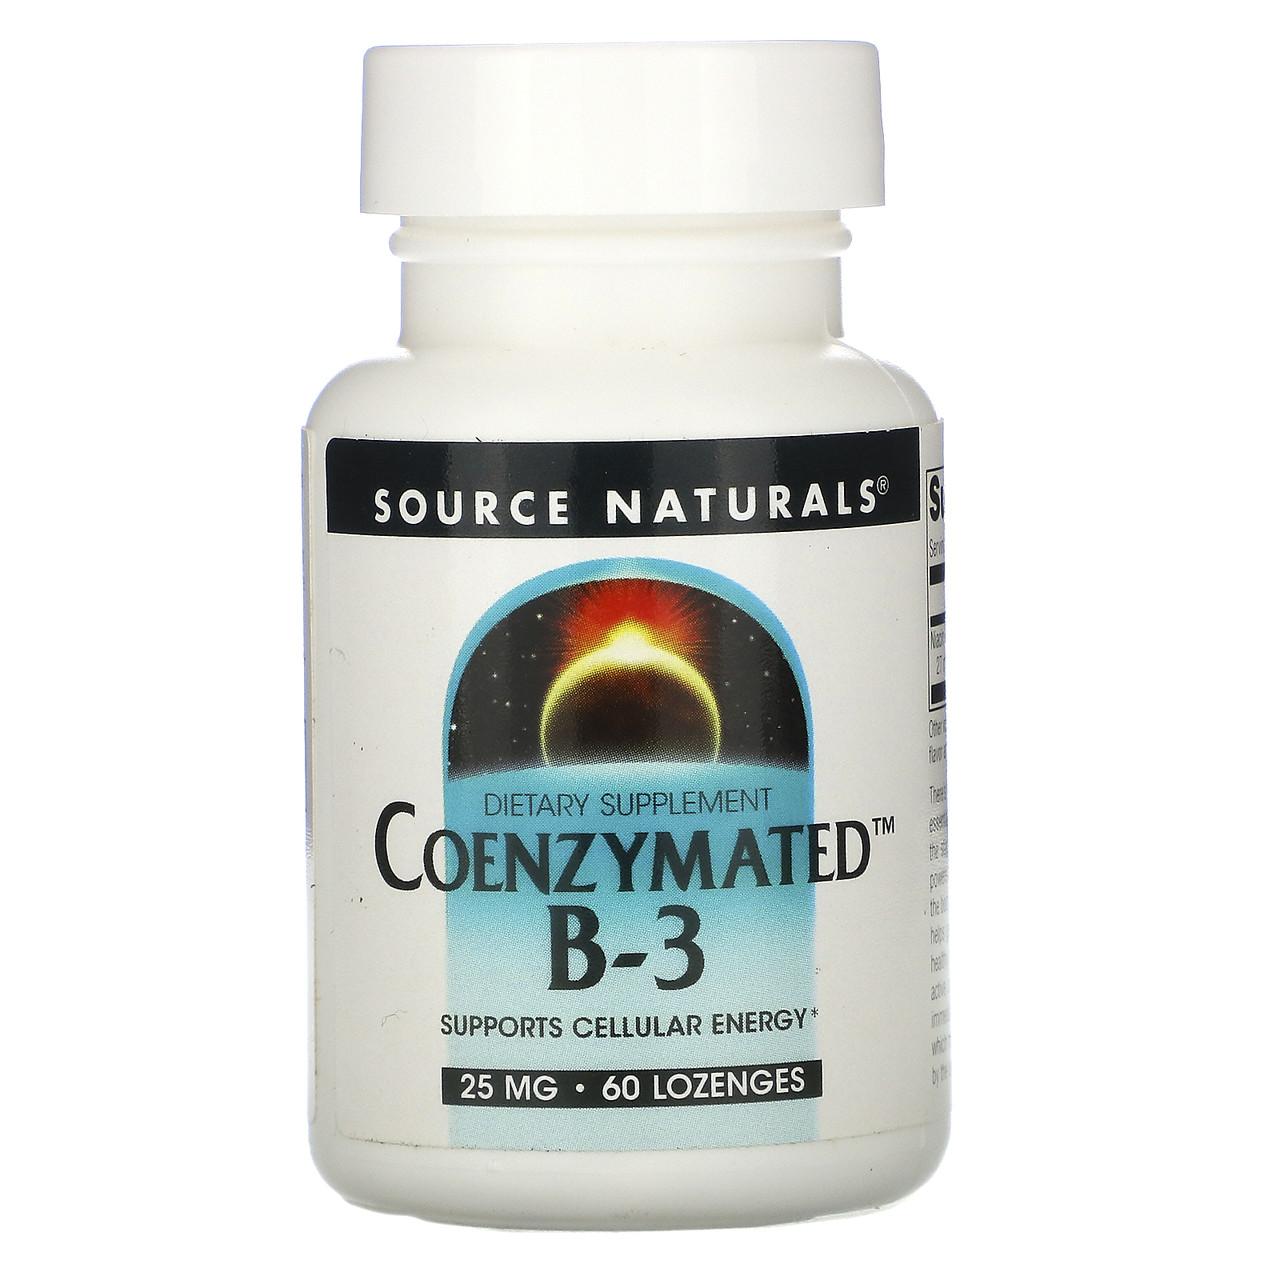 Кофермент витамина в3 подъязычный, Source Naturals, Coenzymated B-3,  25 мг, 60 таблеток